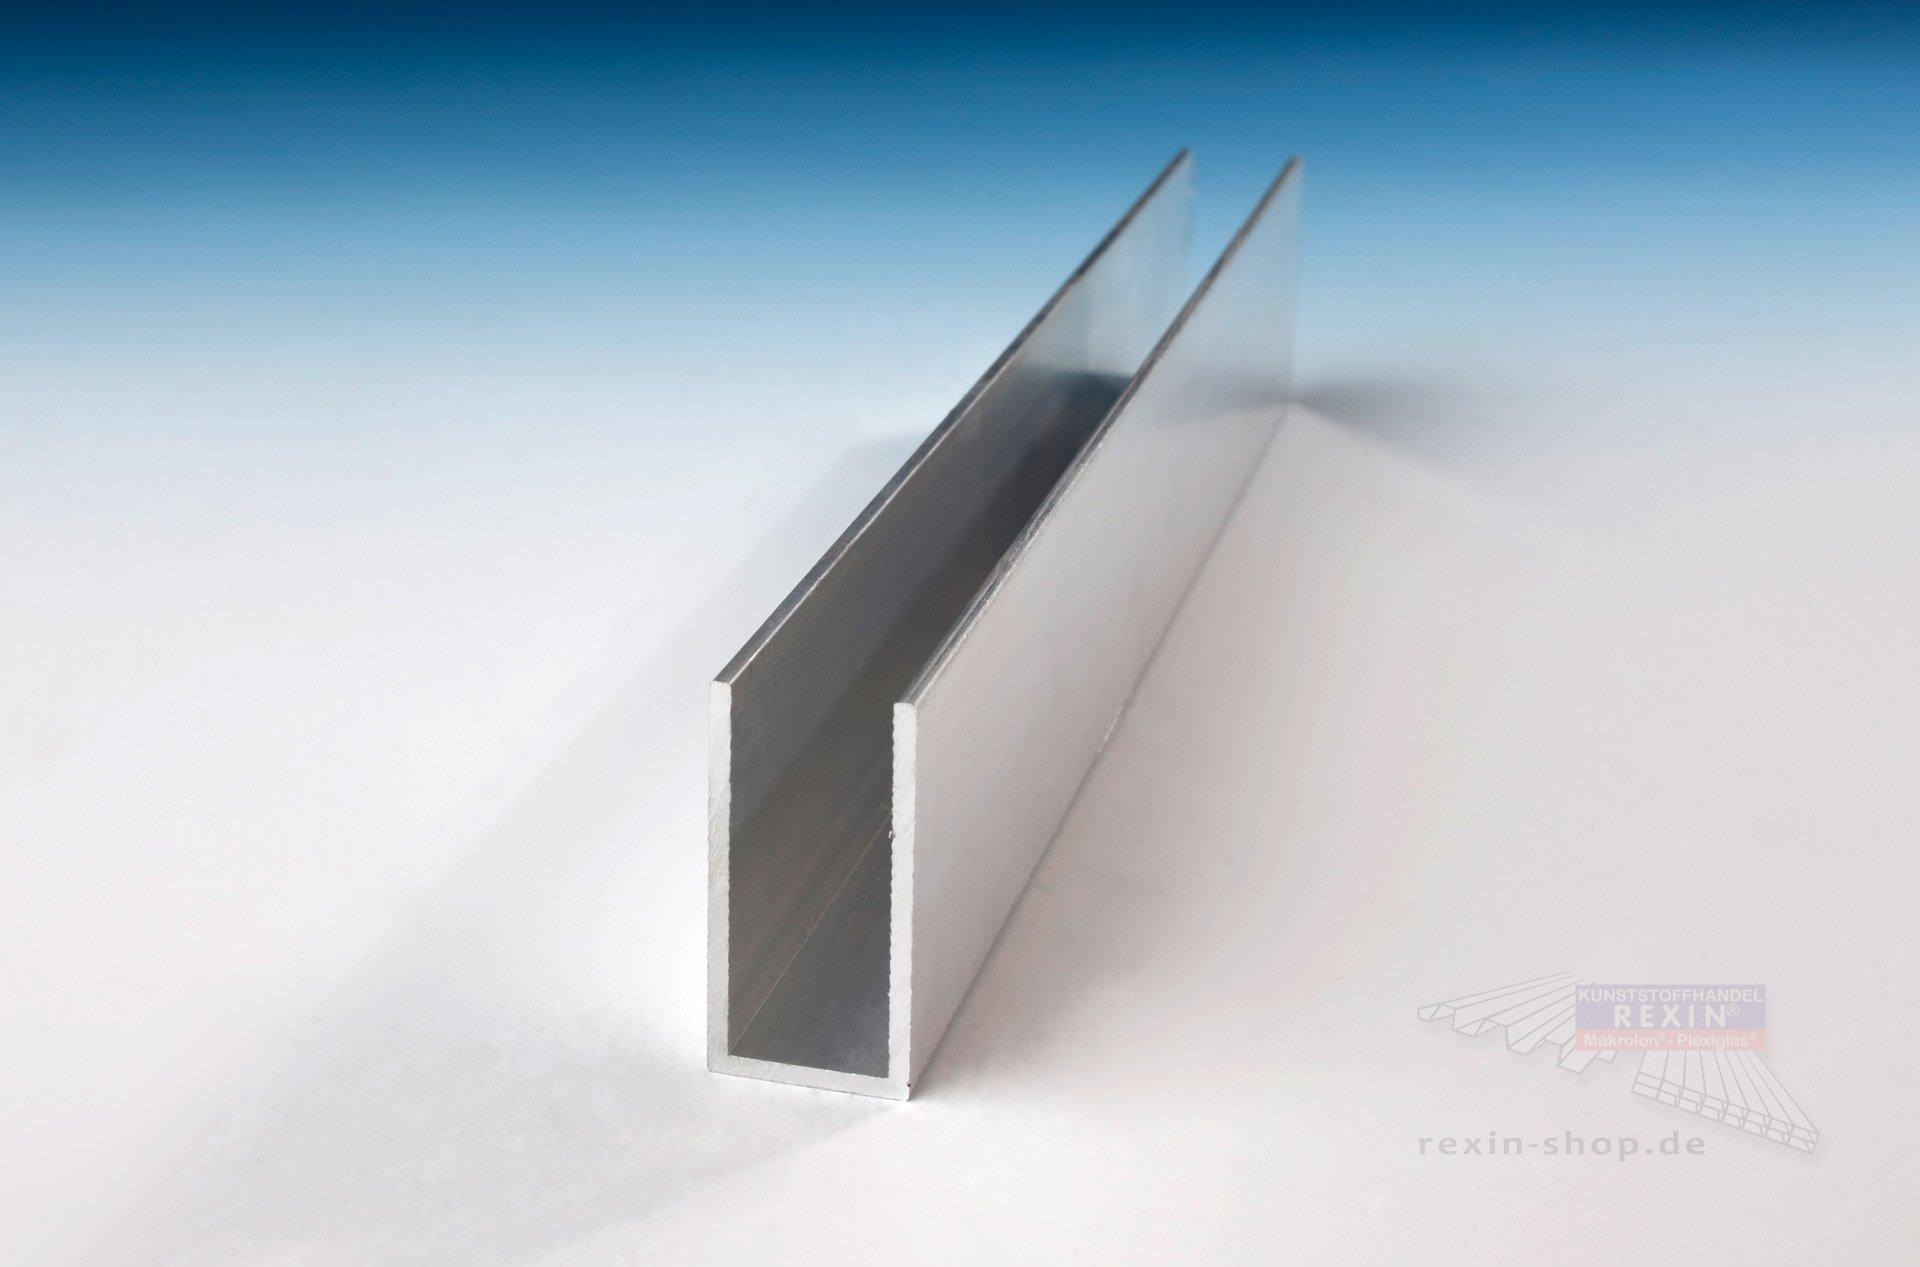 Sehr Gut Aluminium-U-Profil 40mm x 20mm x 40mm x 2mm, pressblank ▷ Rexin-Shop QC25